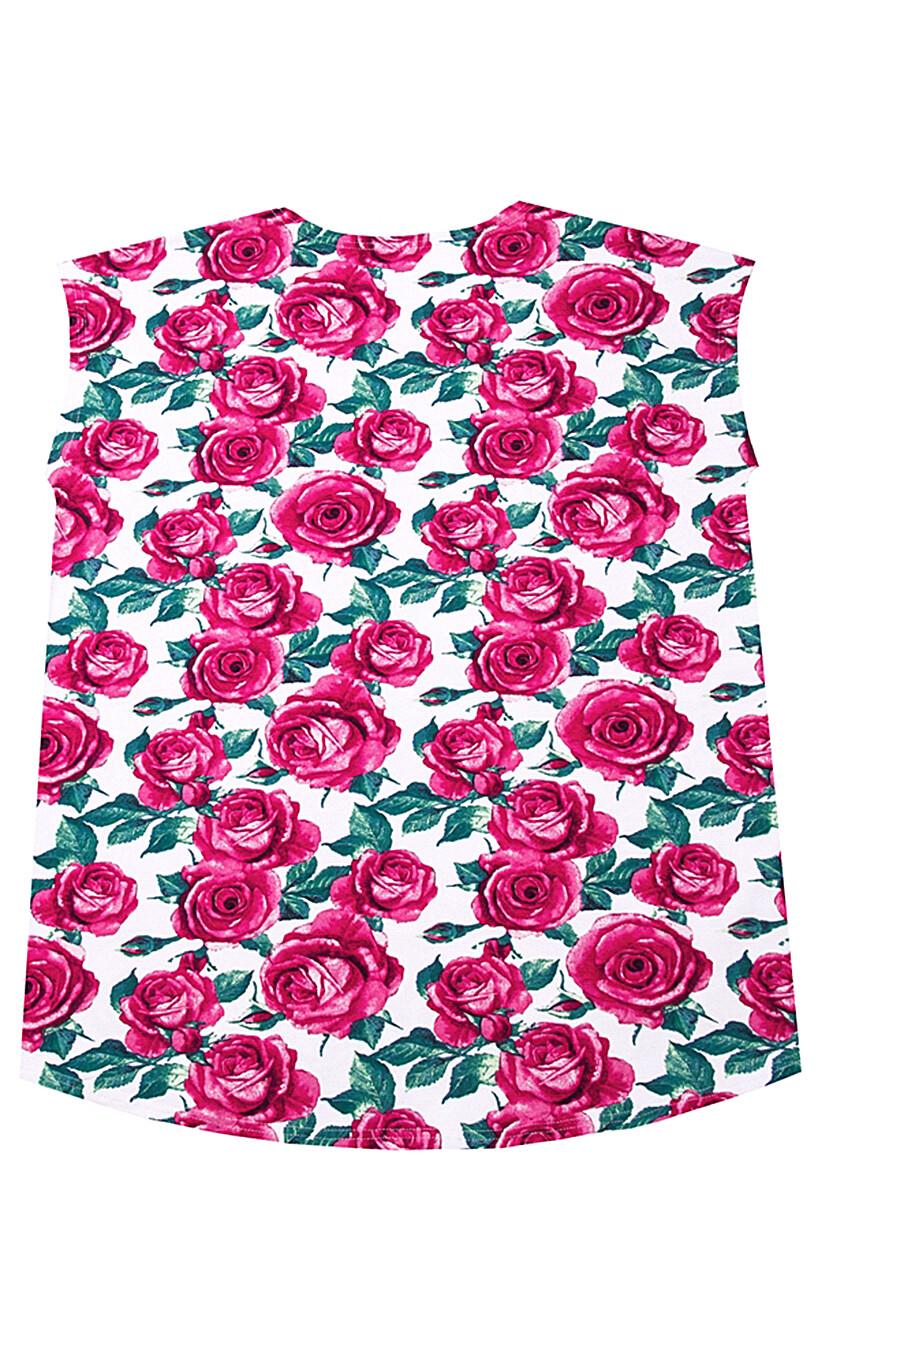 Джемпер для женщин Archi 130618 купить оптом от производителя. Совместная покупка женской одежды в OptMoyo